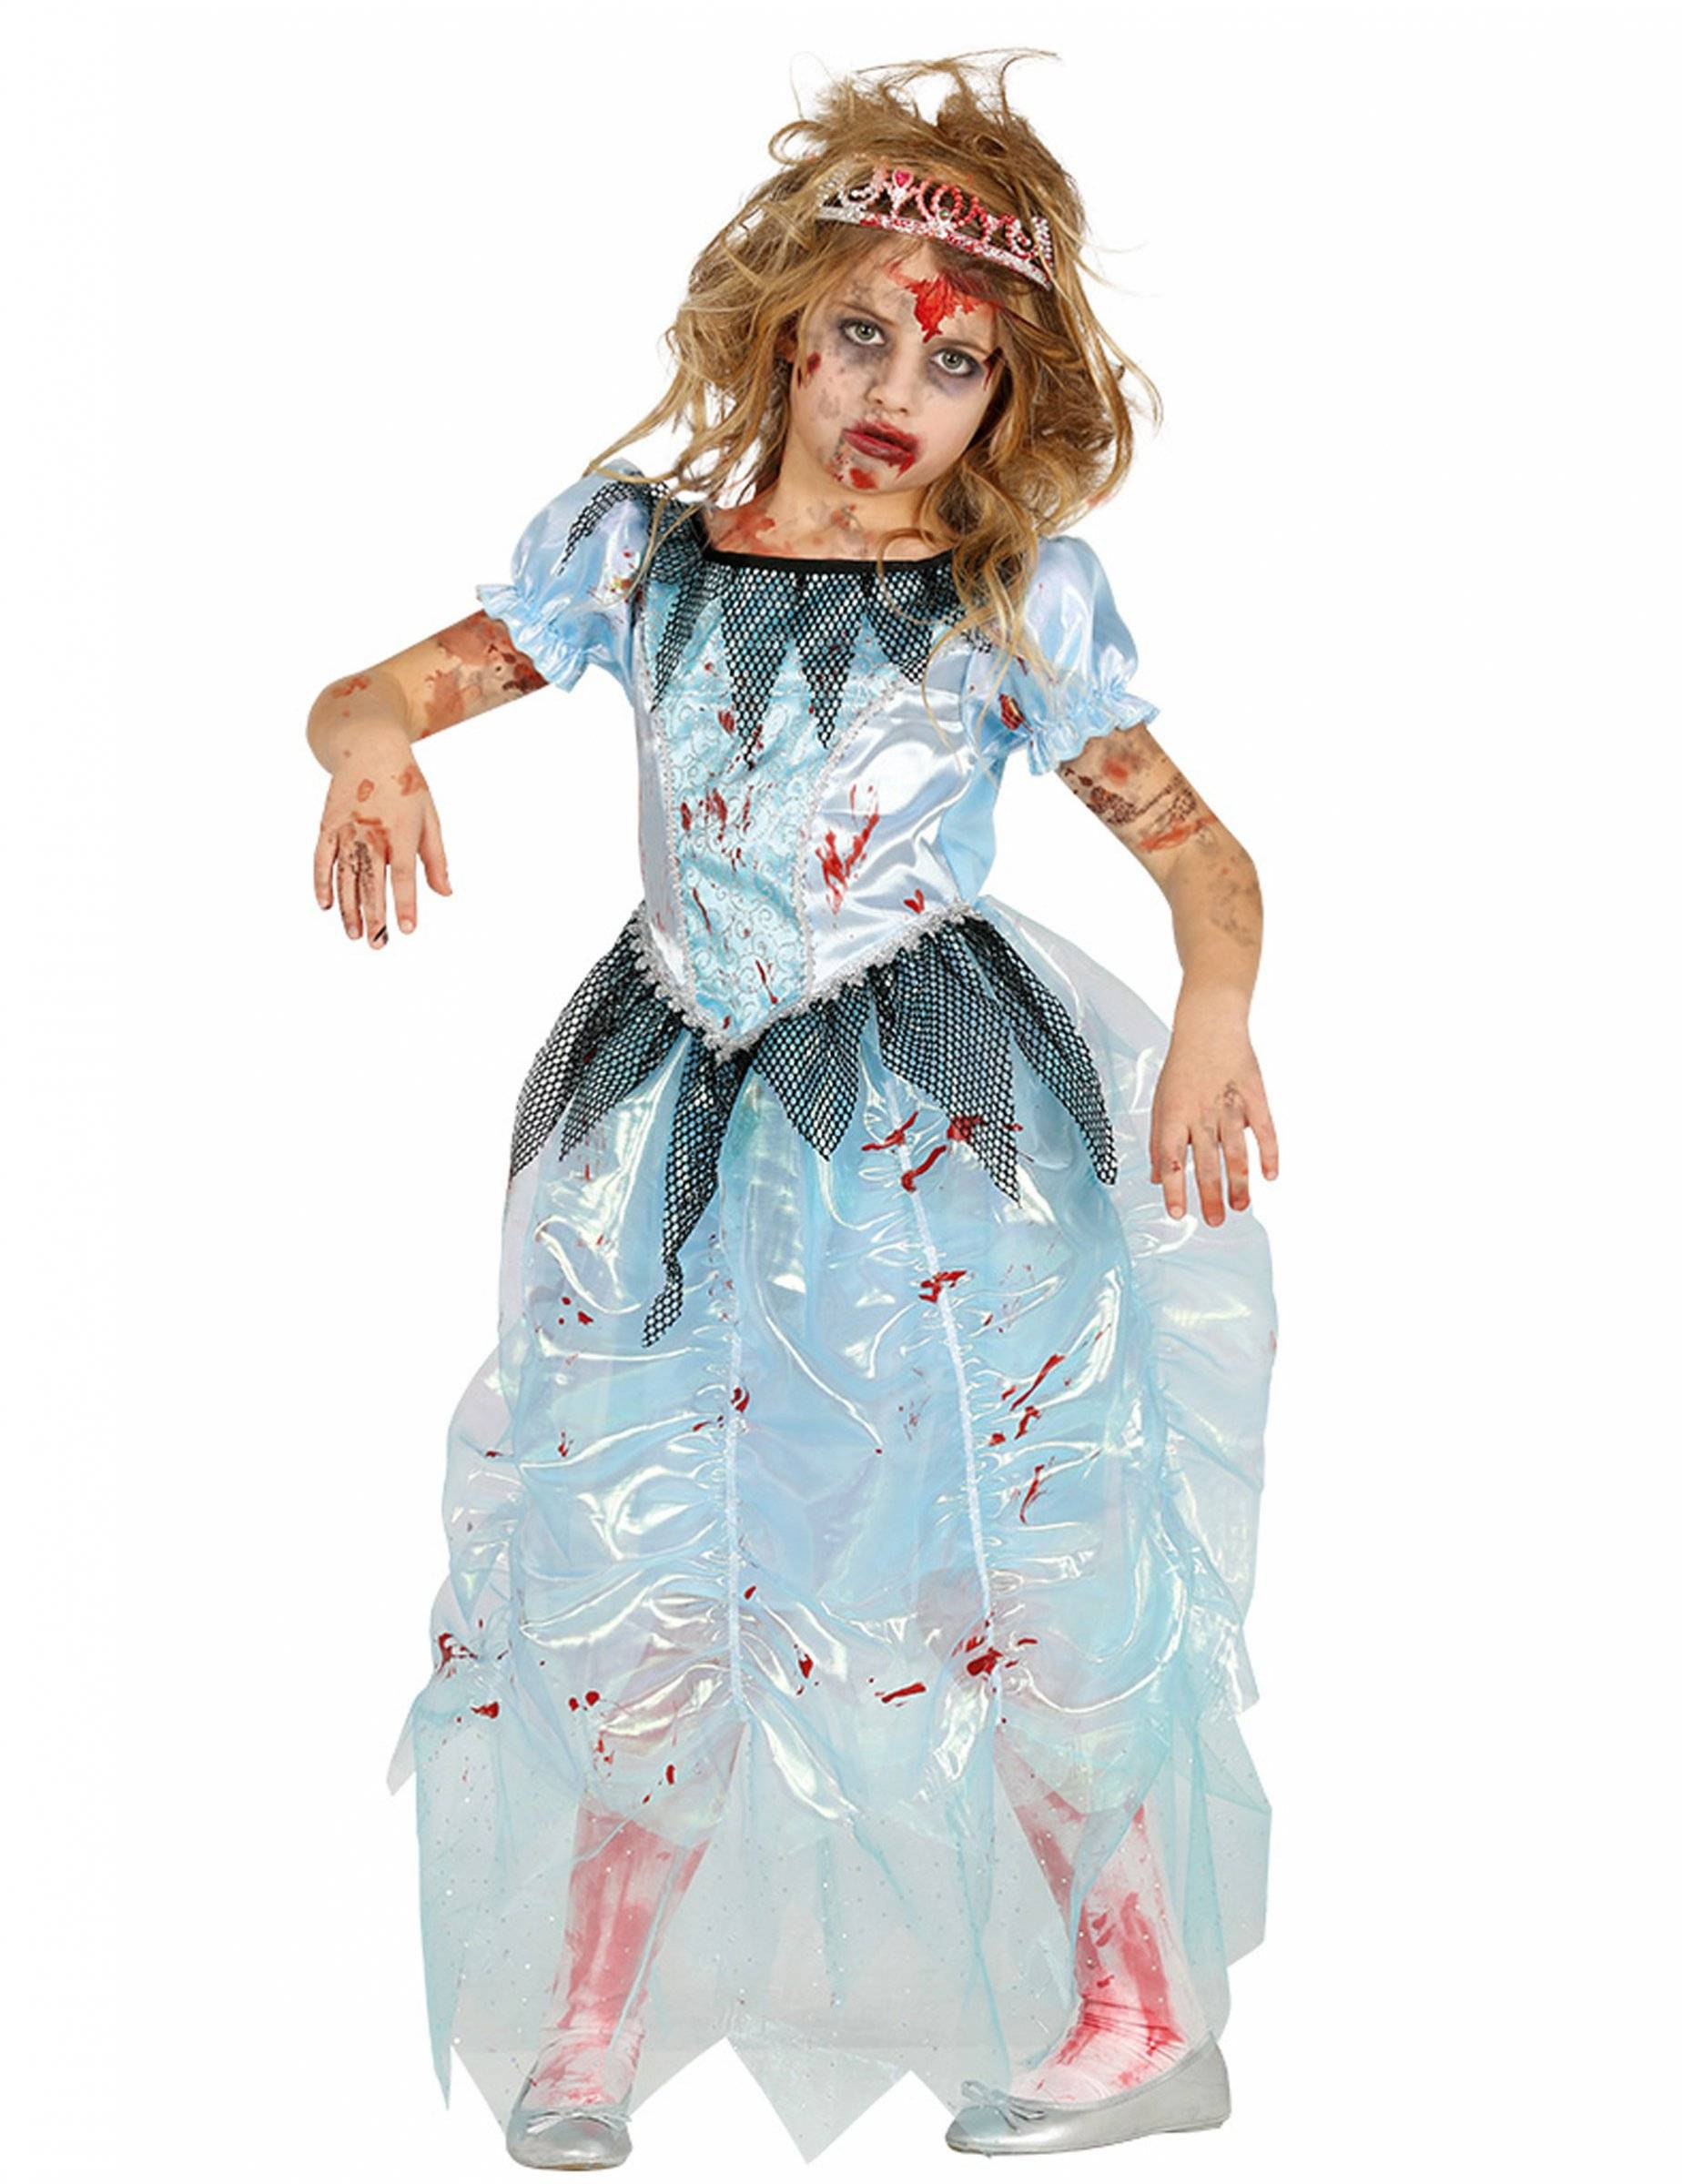 Deguisetoi Déguisement zombie princesse bleue fille Halloween - Taille: 3 à 4 ans (95-105 cm)